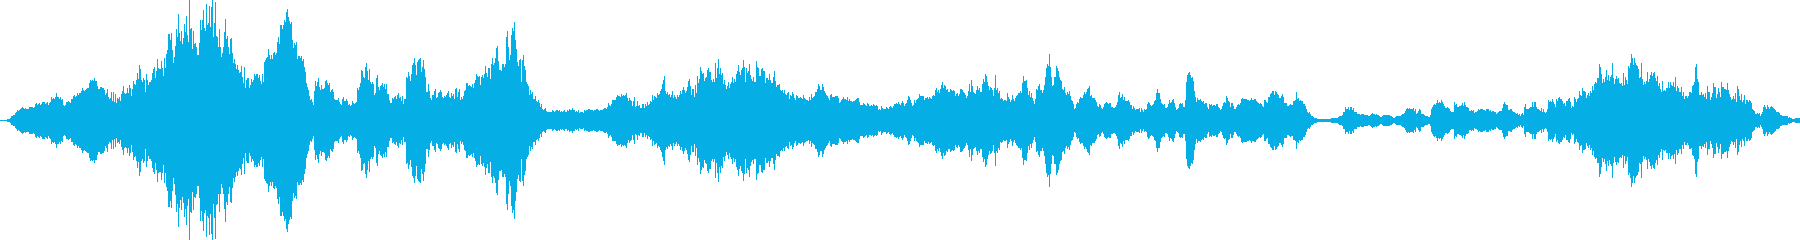 不気味なエピック系BGMの再生済みの波形